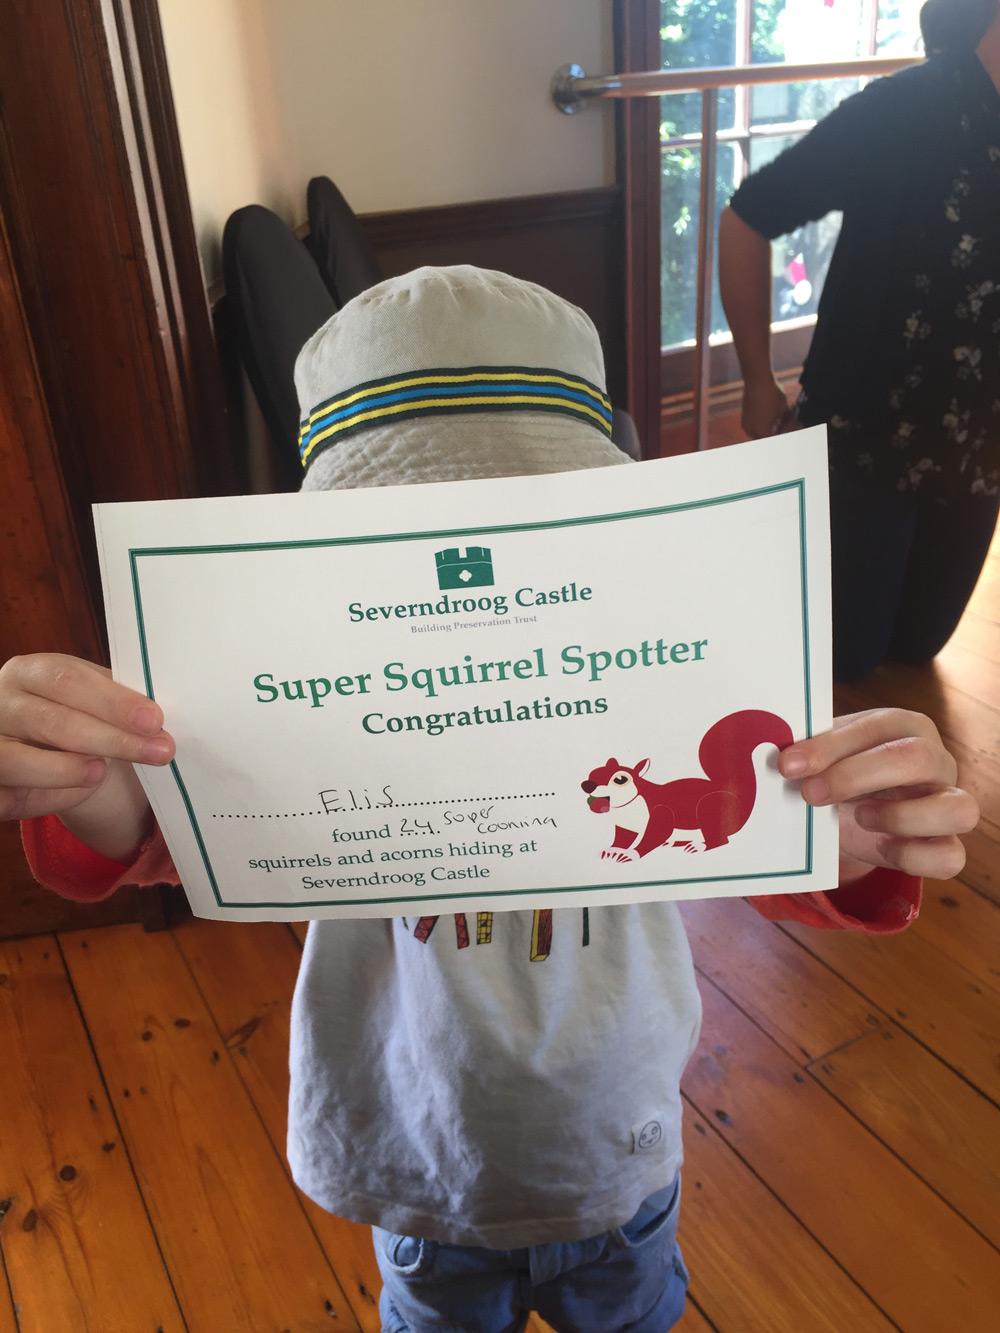 squirrel-certificate-gojauntly-blog-post-hana-2016